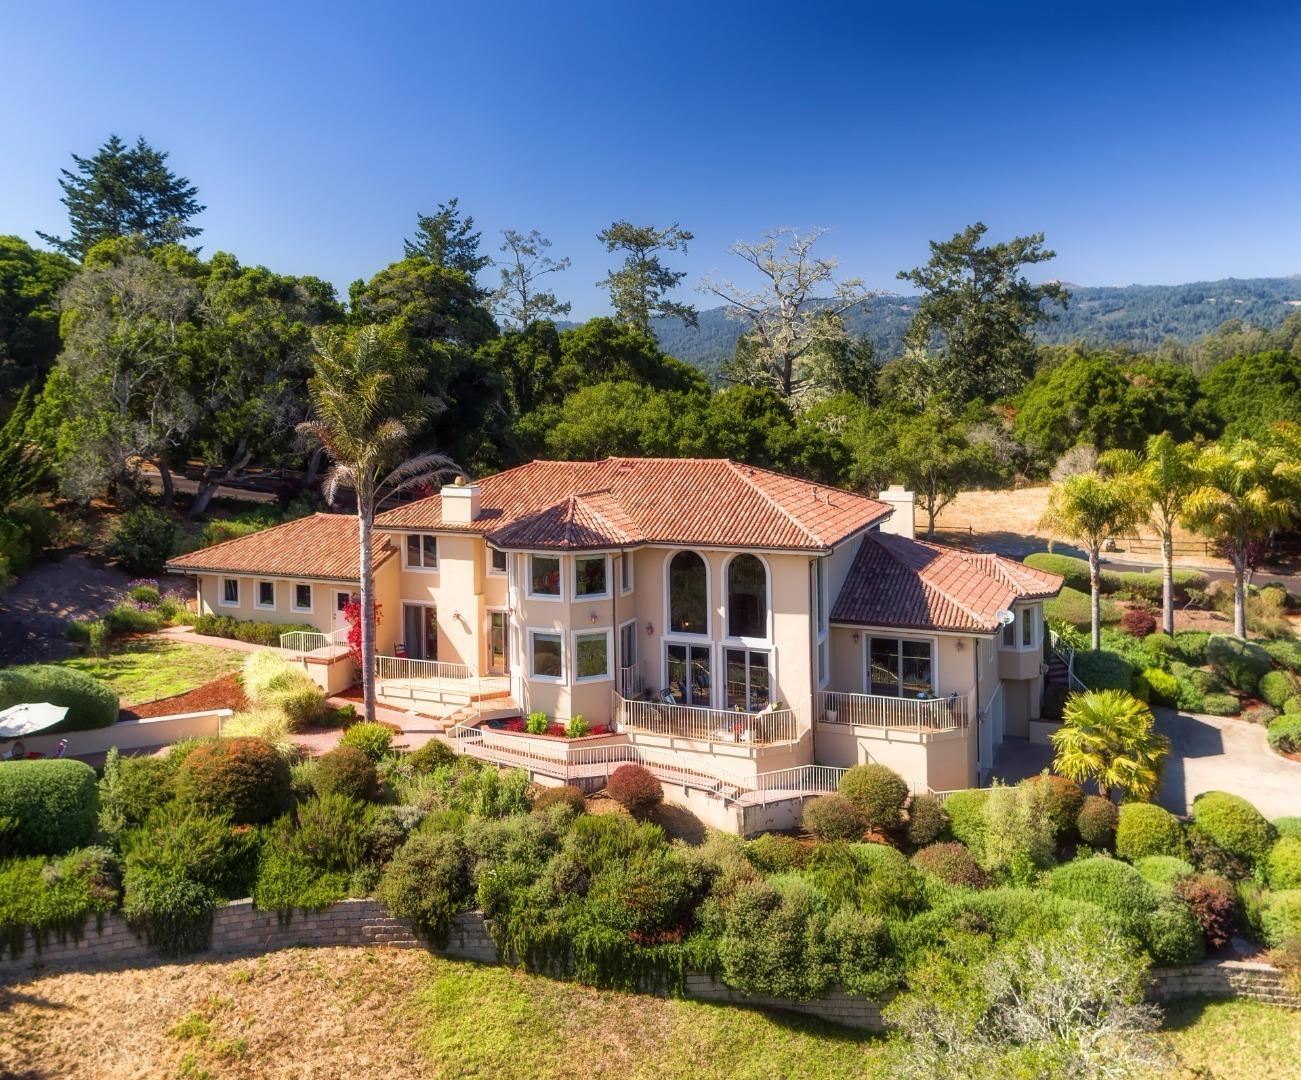 一戸建て のために 売買 アット 901 Moon Valley Ranch Road Watsonville, カリフォルニア 95076 アメリカ合衆国